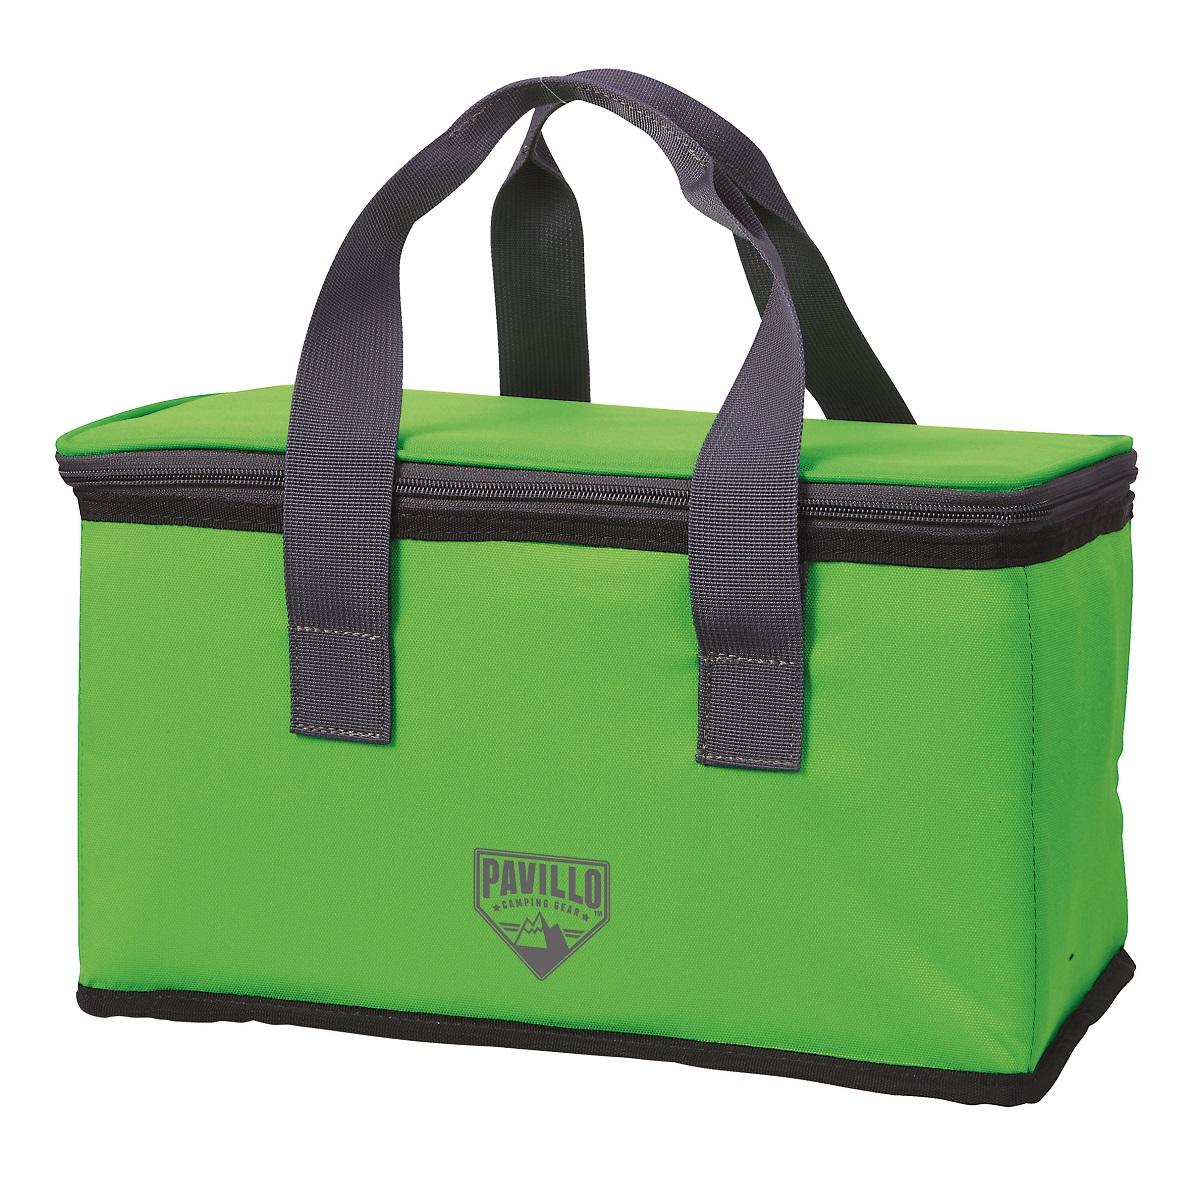 Chladící taška BESTWAY Quellor 15 litrů